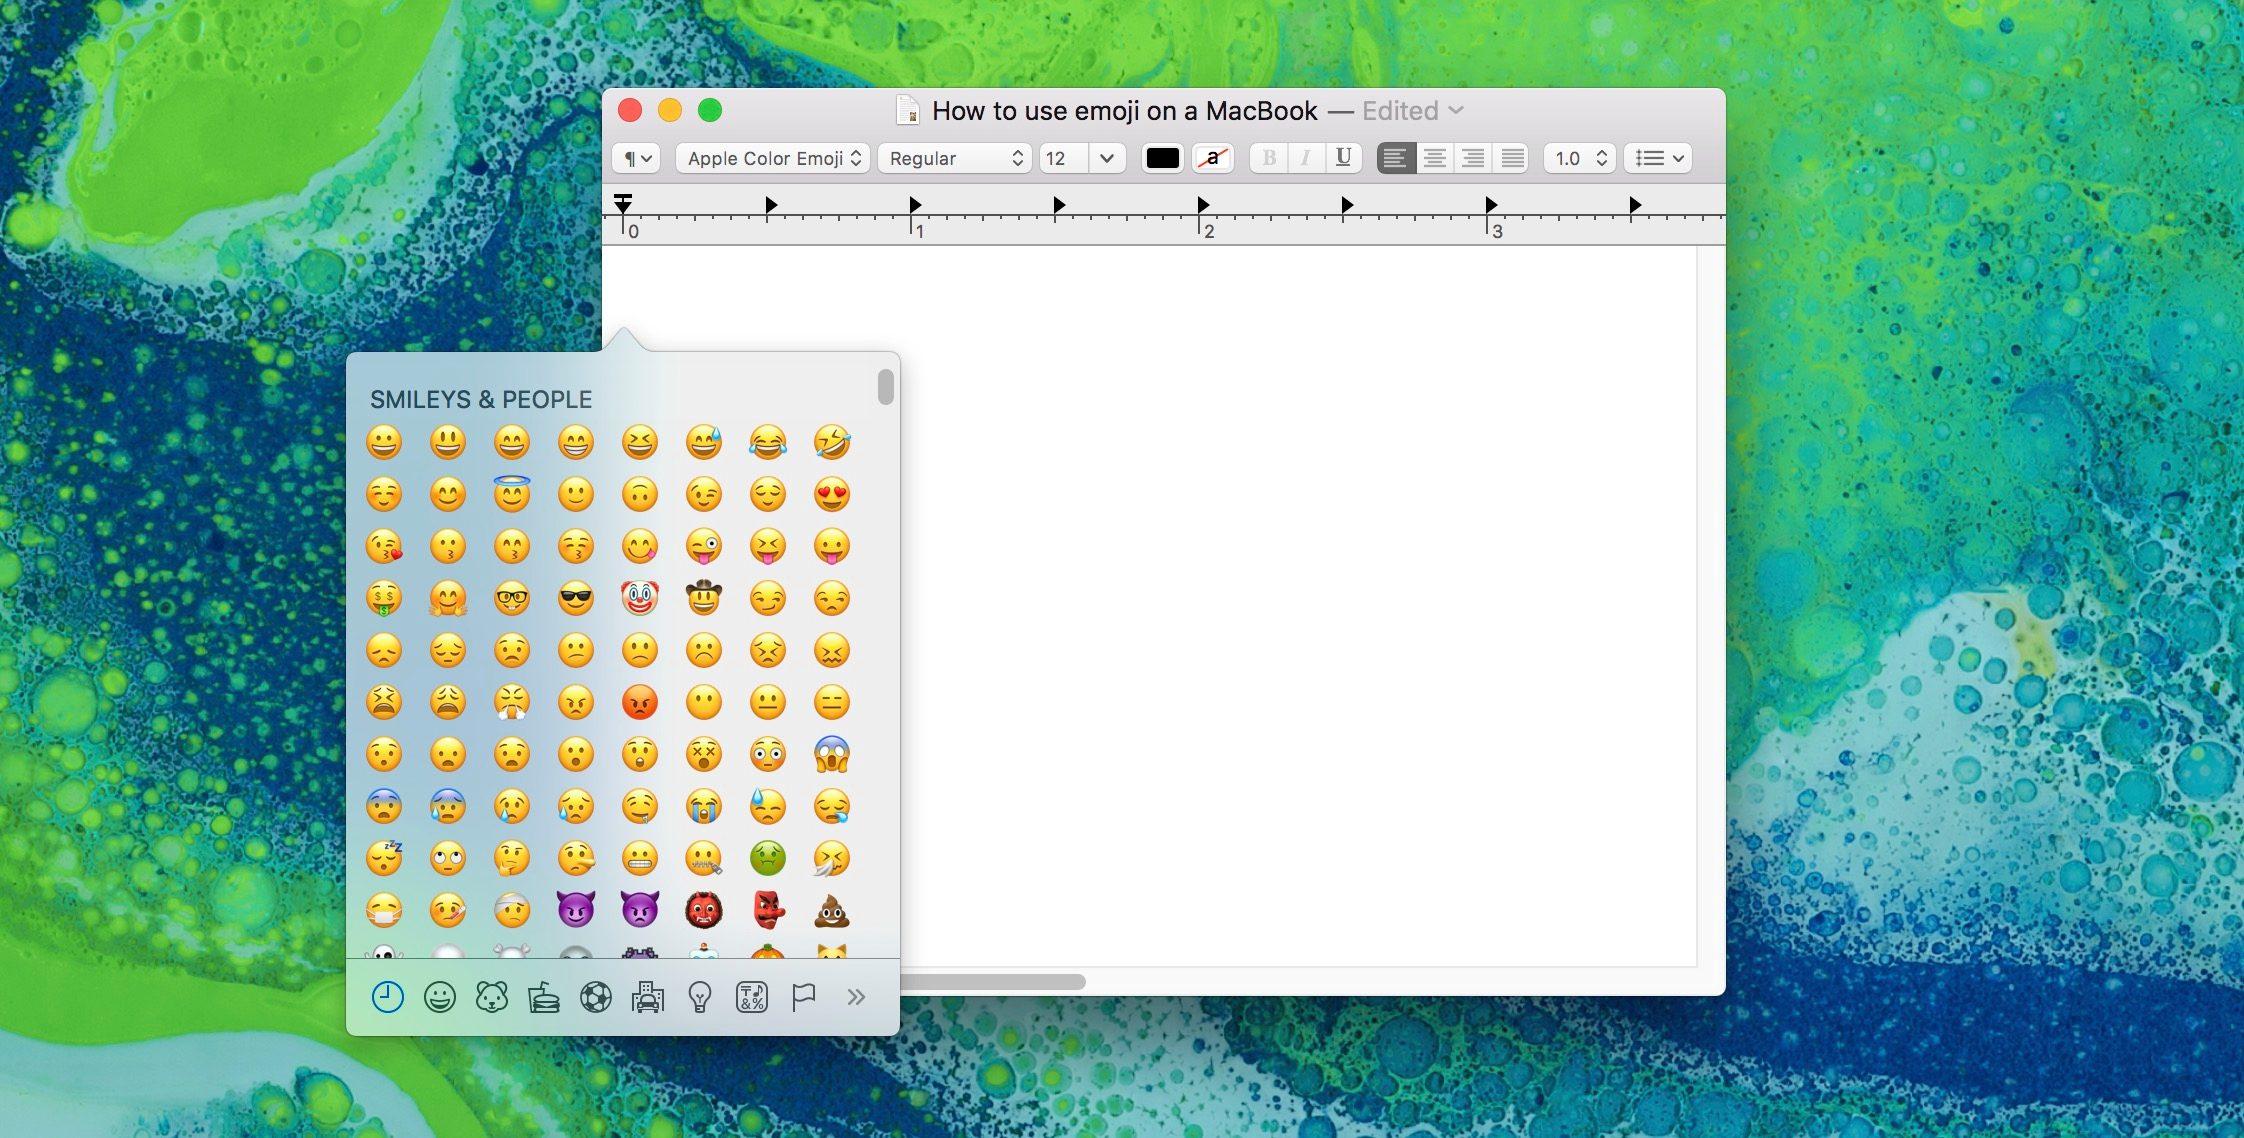 """<span href=""""https://9to5mac.com/2017/05/04/how-to-use-new-apple-emoji-on-macbook/"""">¿Cómo utilizar el nuevo Apple emoji en un MacBook</a>"""